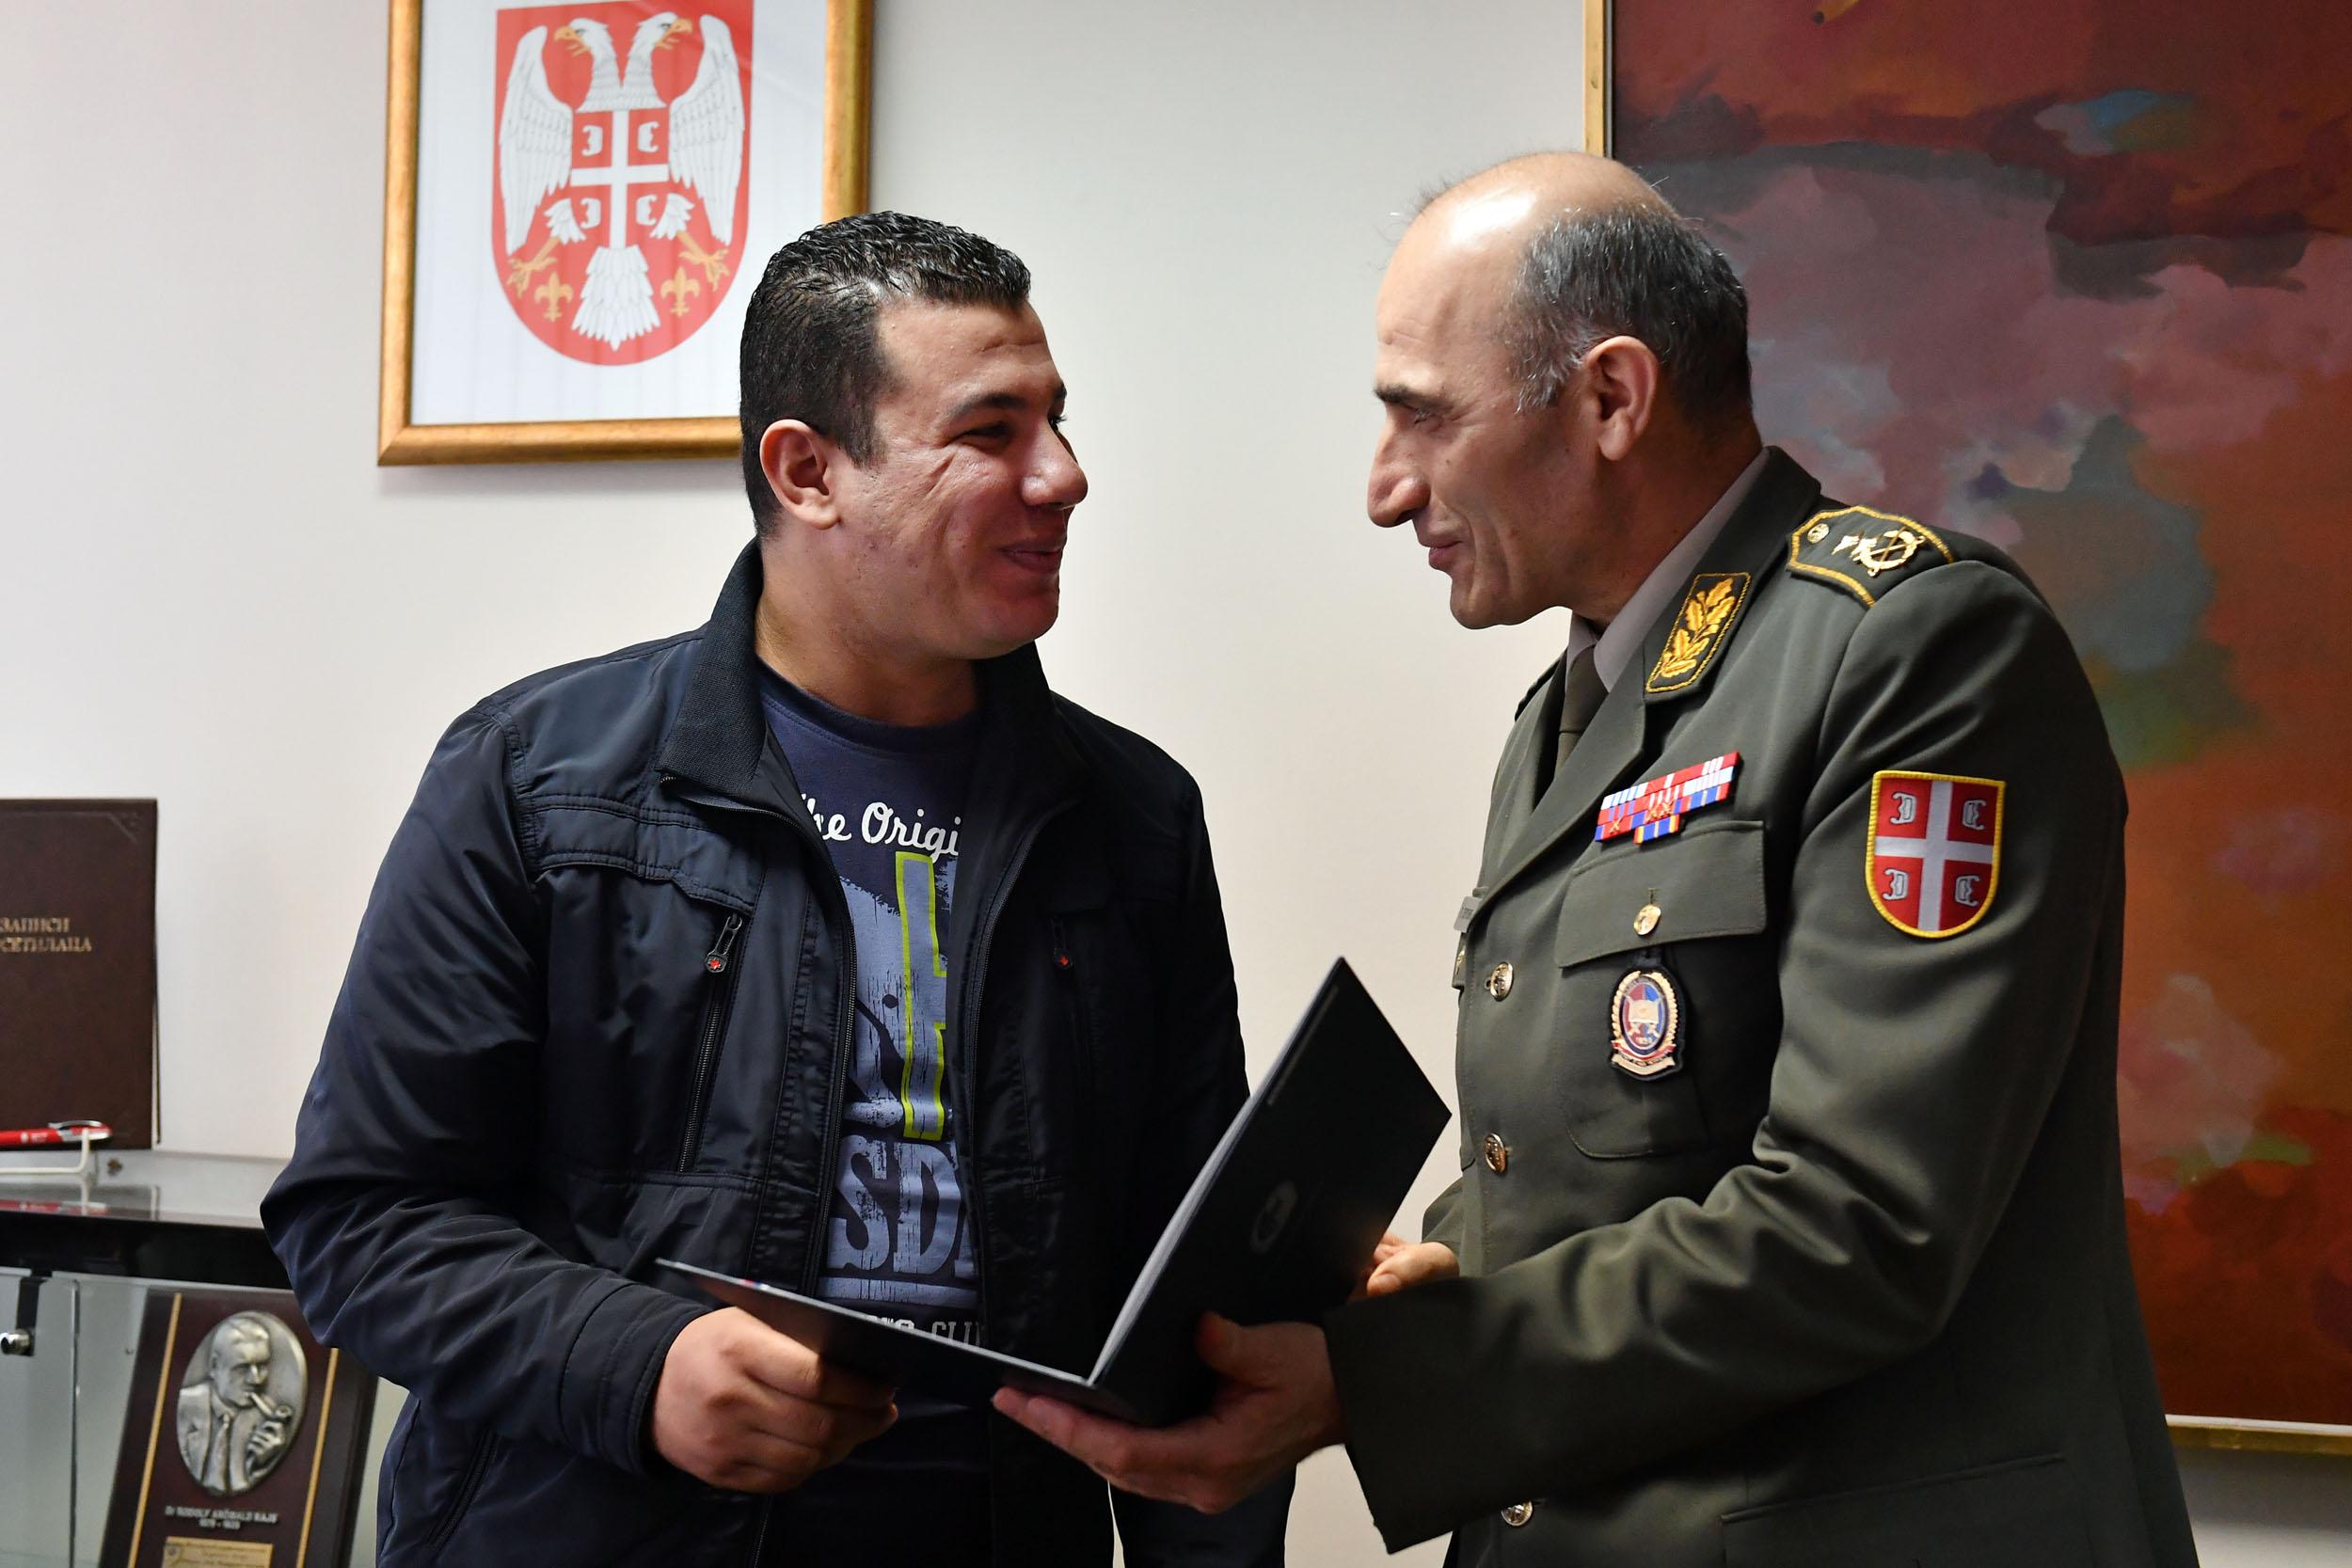 الجزائر : صلاحيات نائب وزير الدفاع الوطني - صفحة 14 Ban_9467_1490965294